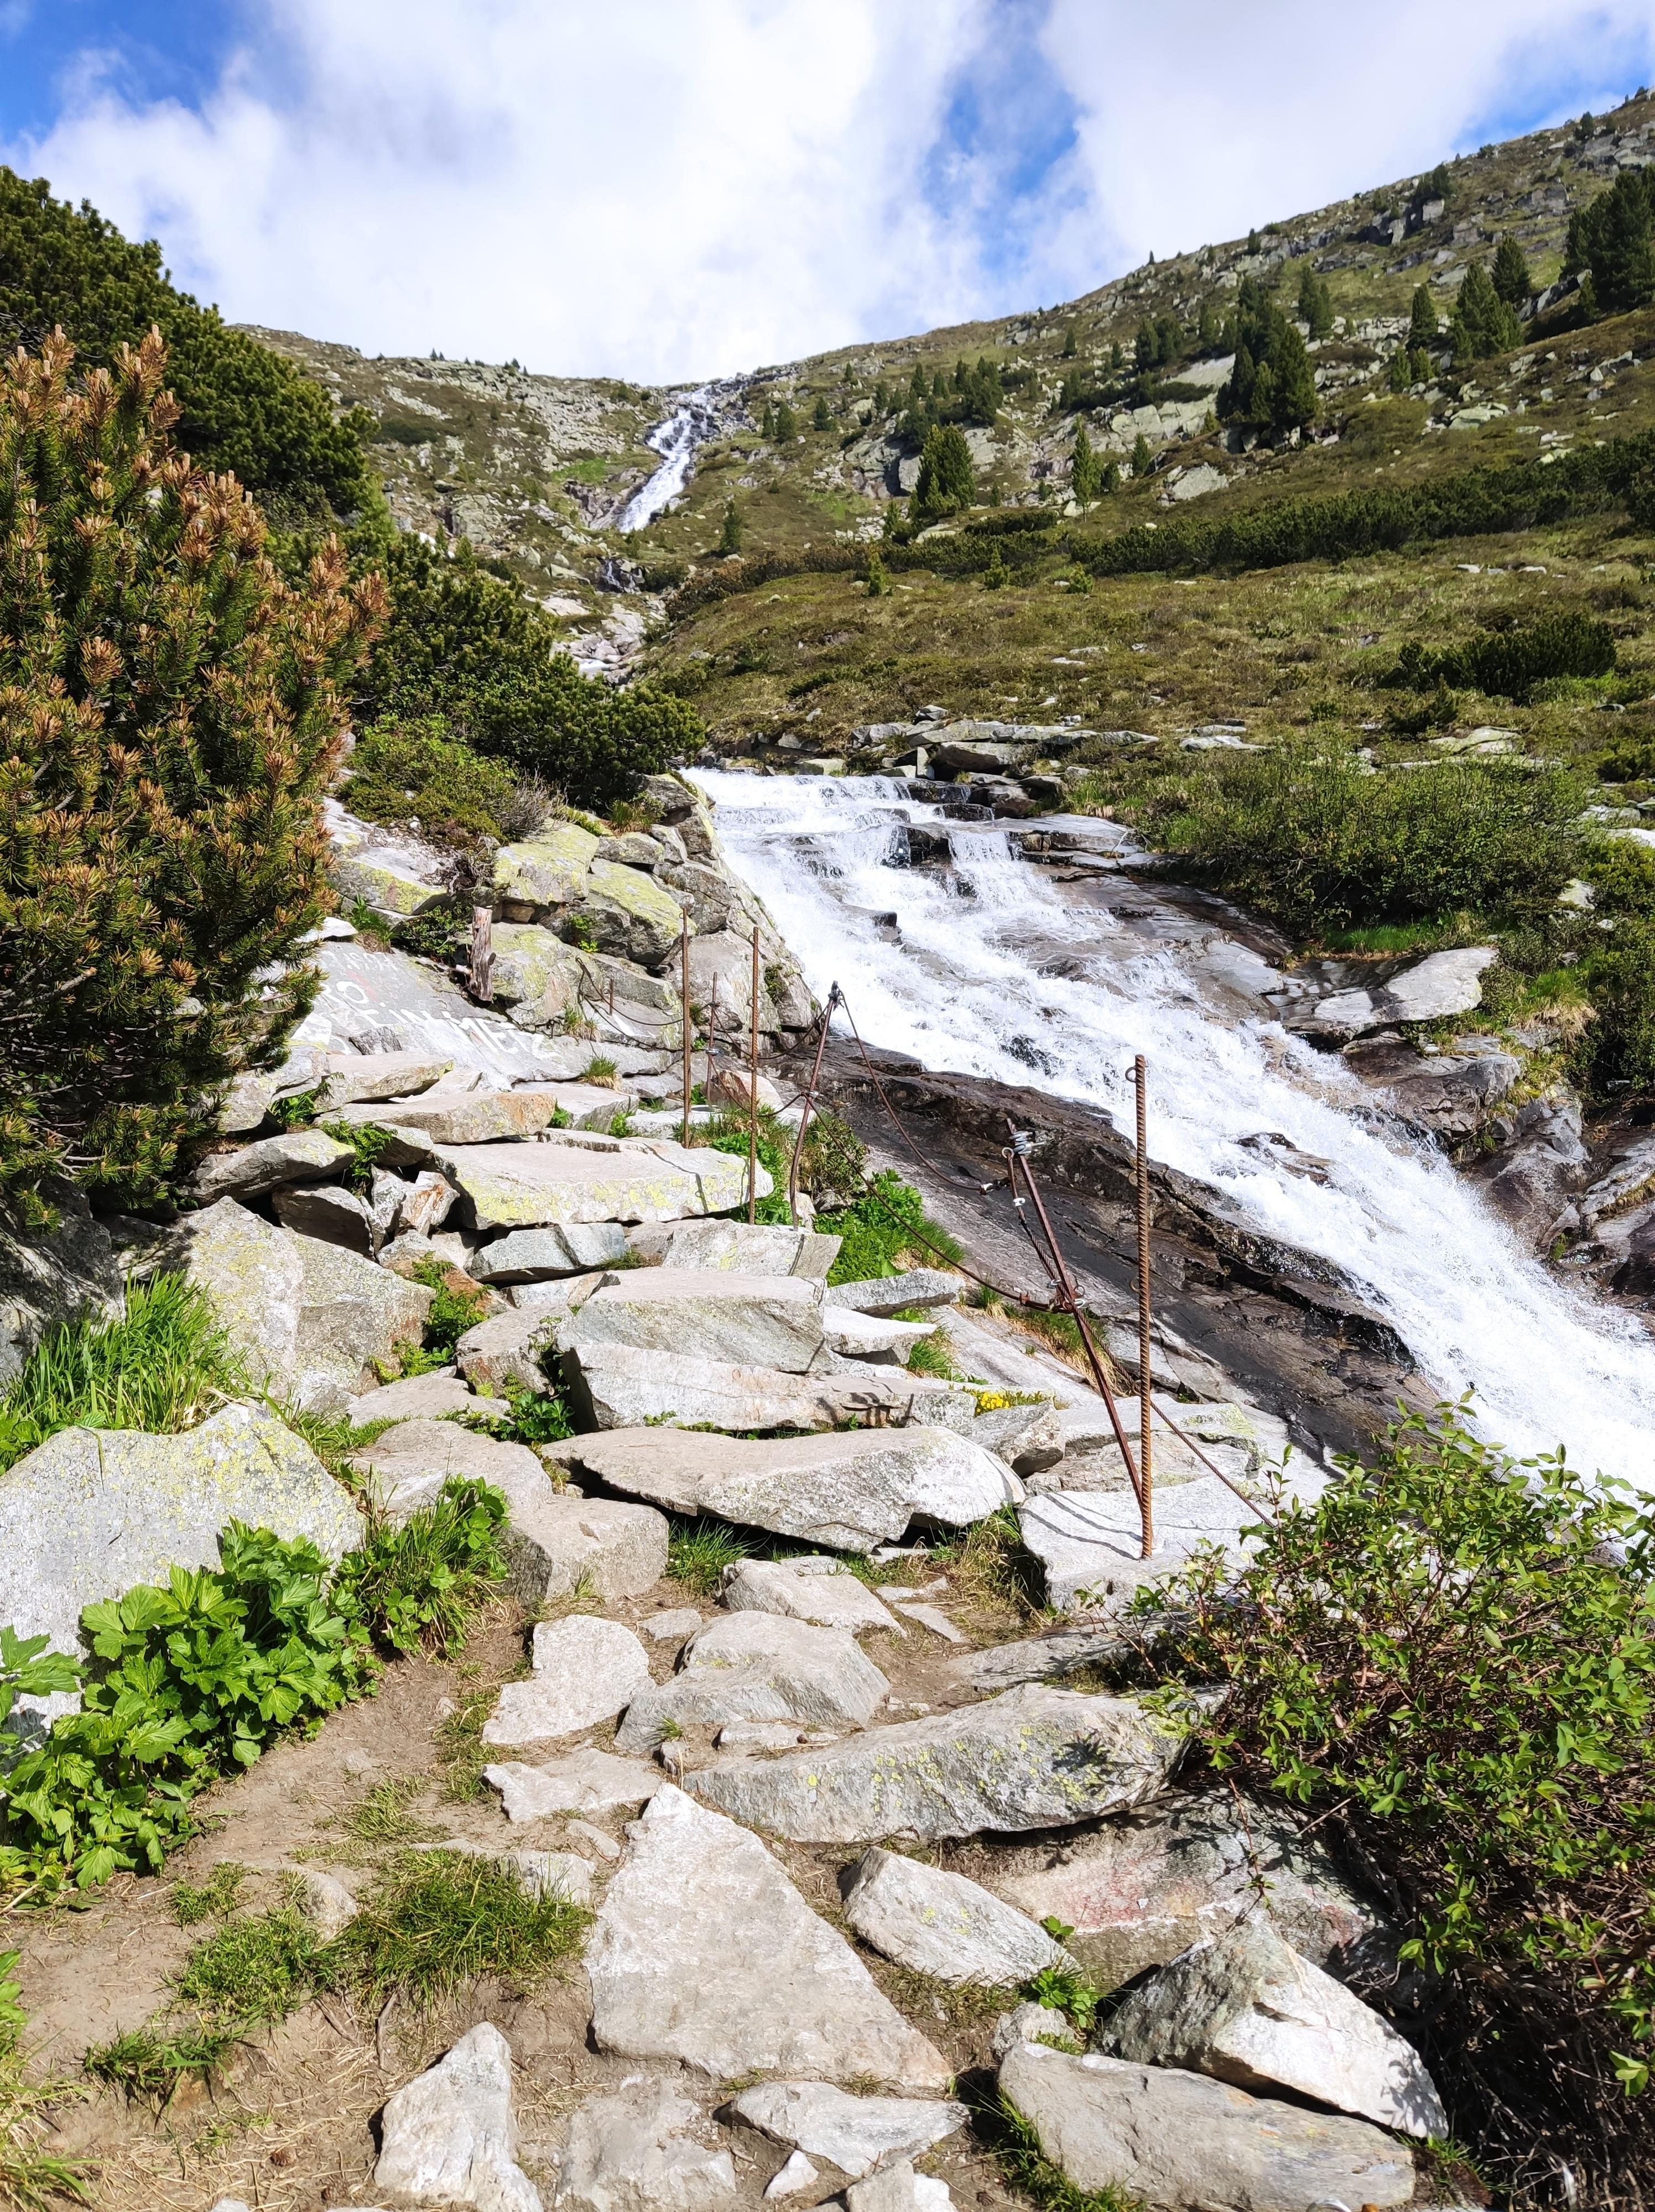 Aufstieg zur Olpererhütte, im Hintergrund ein Gletscherfluss